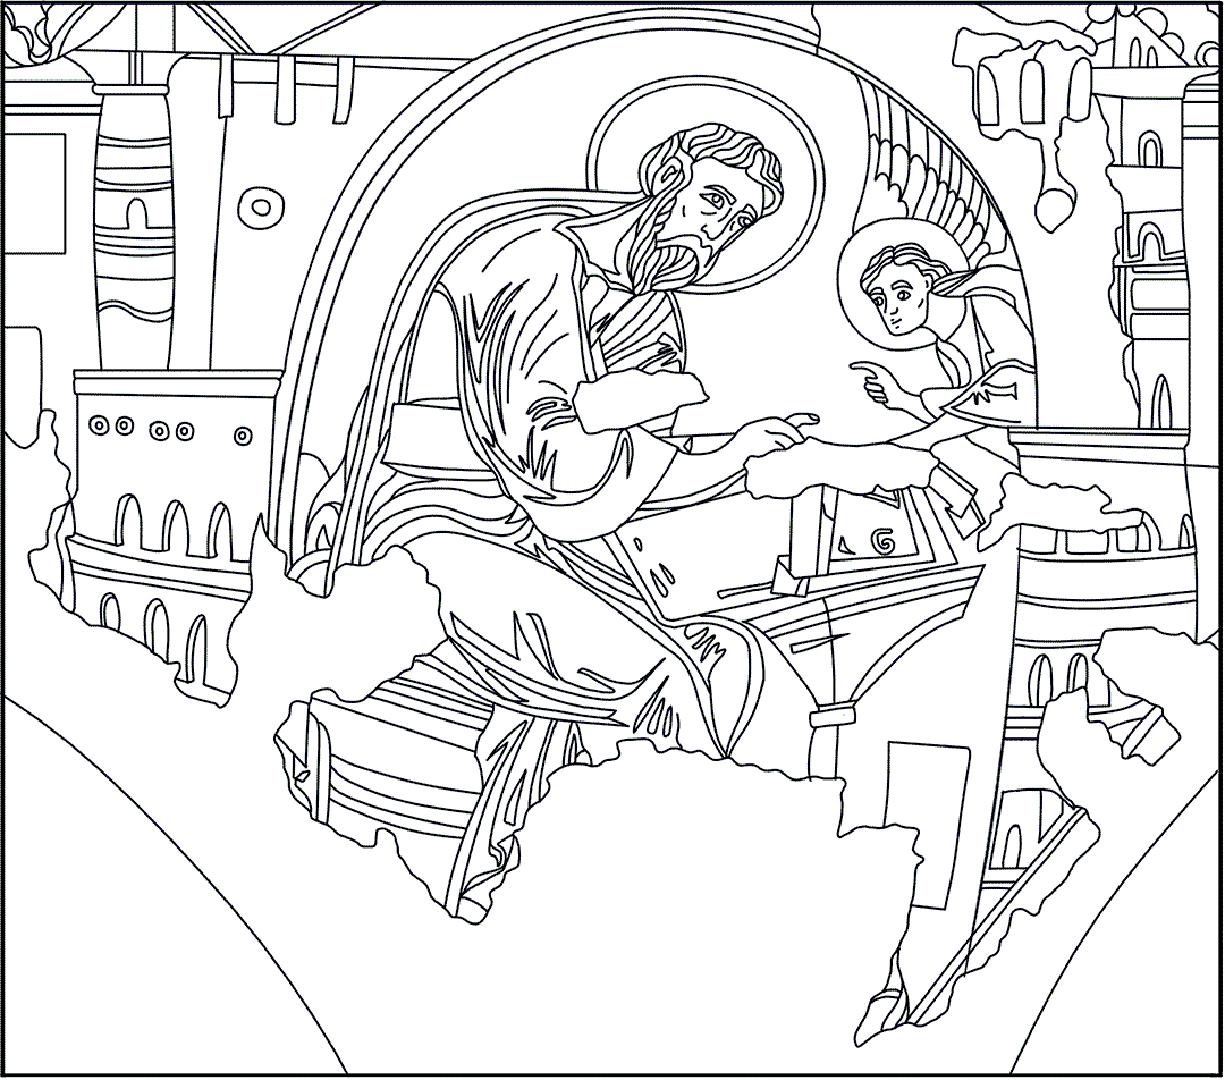 Colora l'illustrazione di San Matteo | Battistero di Concordia Sagittaria - ARTing